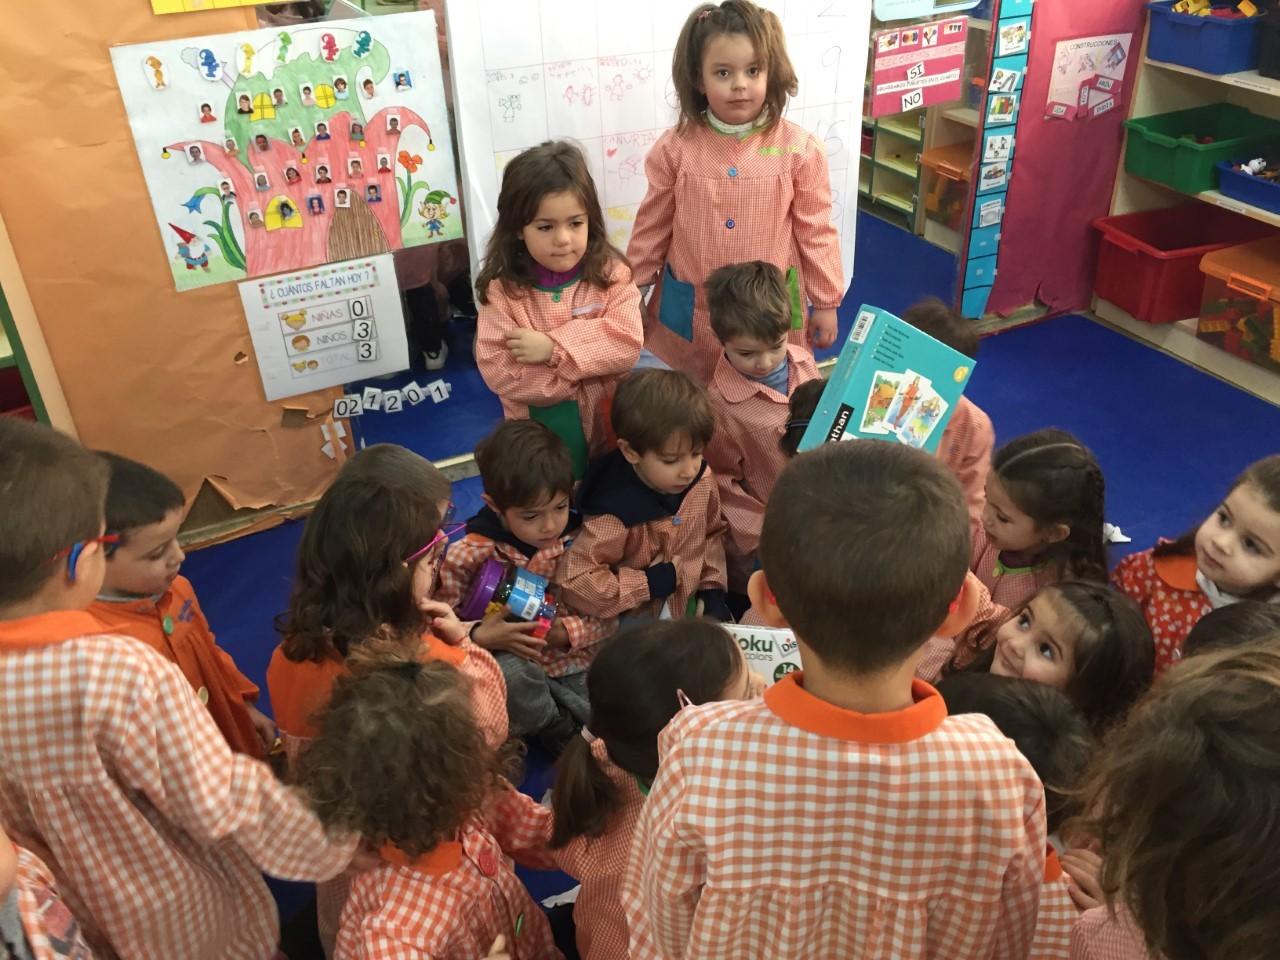 Visita Reyes aula